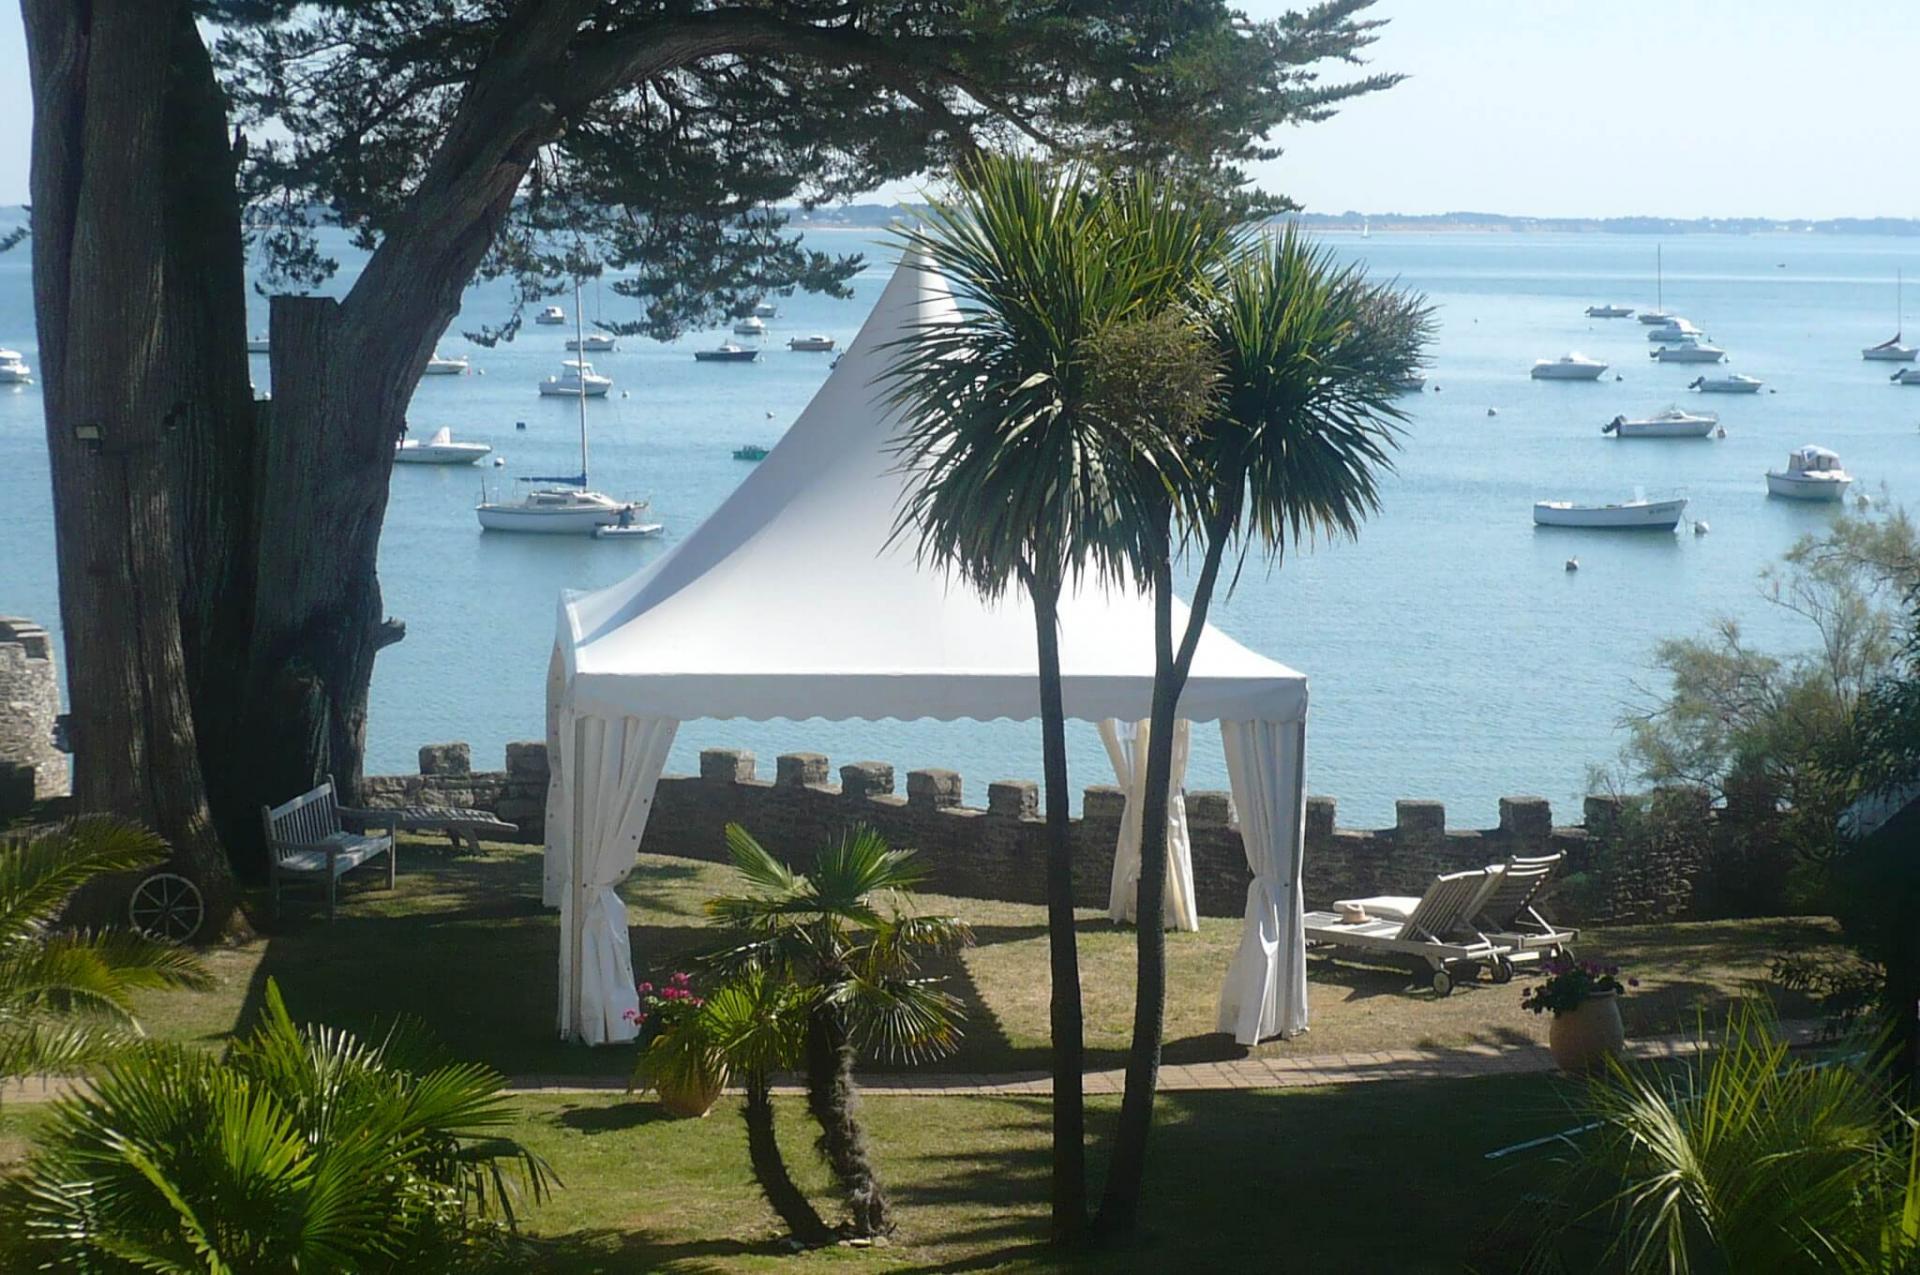 tente pagode avec vue sur la mer